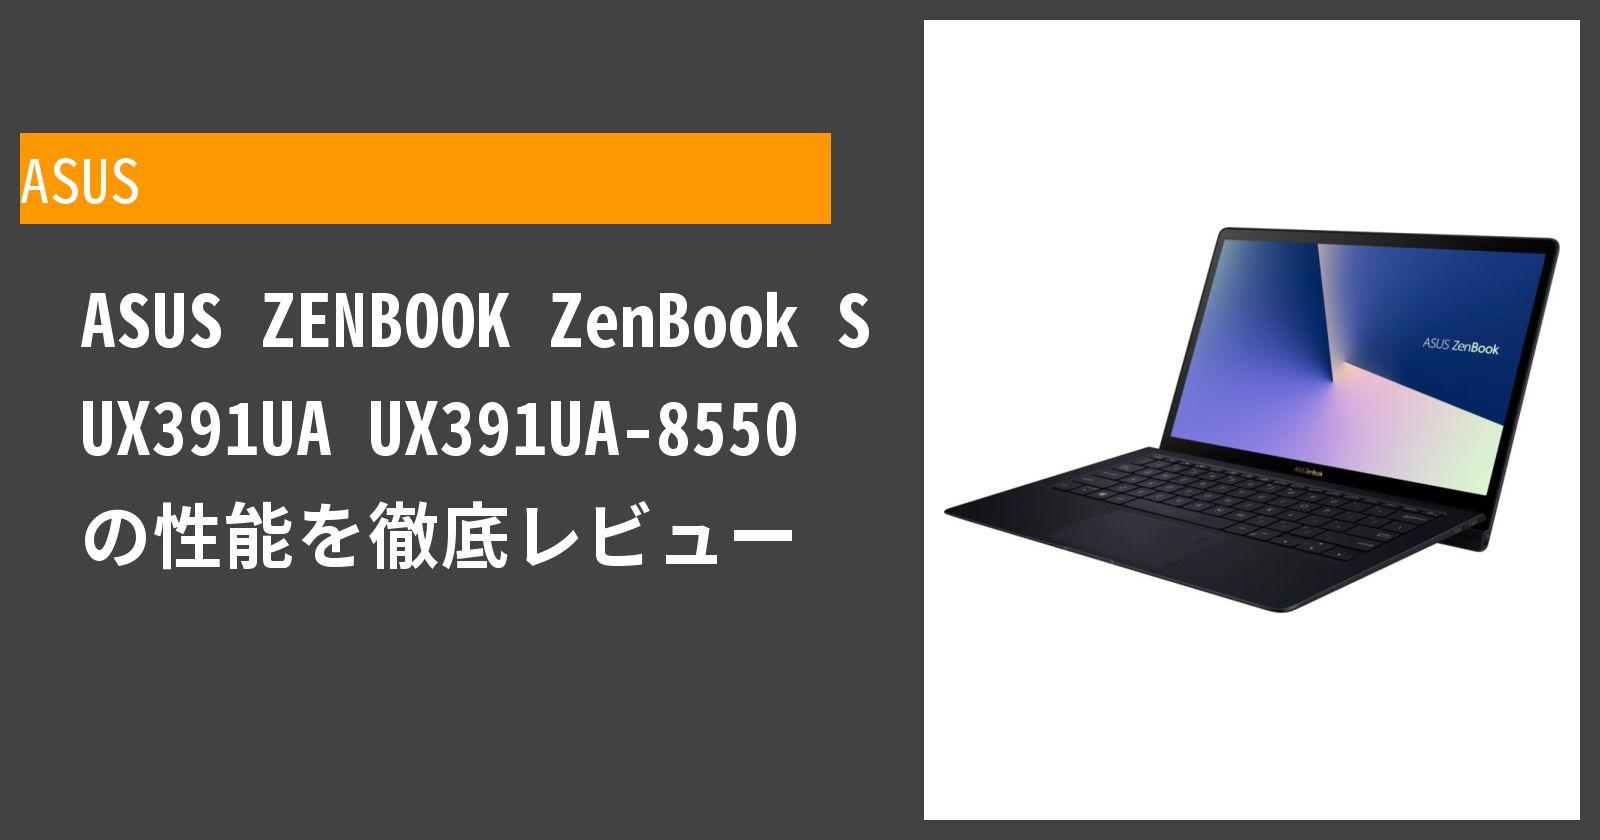 ASUS ZenBook S UX391UA-8550 の性能を徹底レビュー